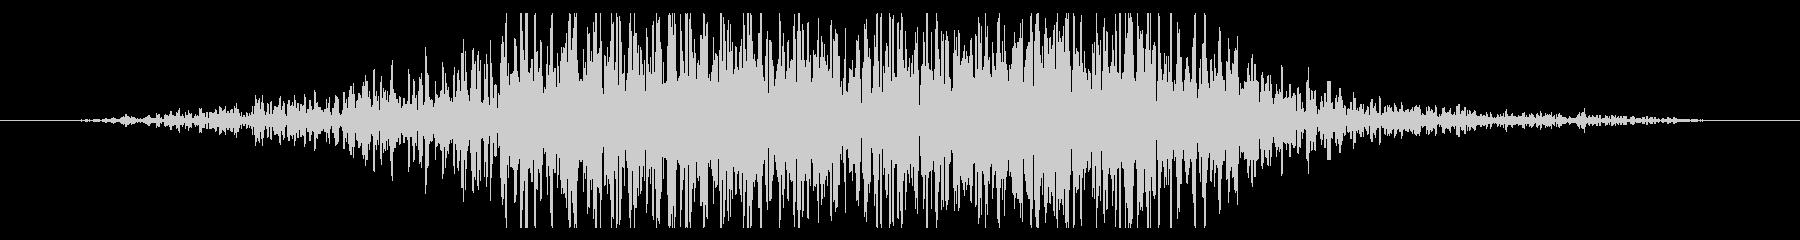 斬撃 ディープスコールヘビー02の未再生の波形